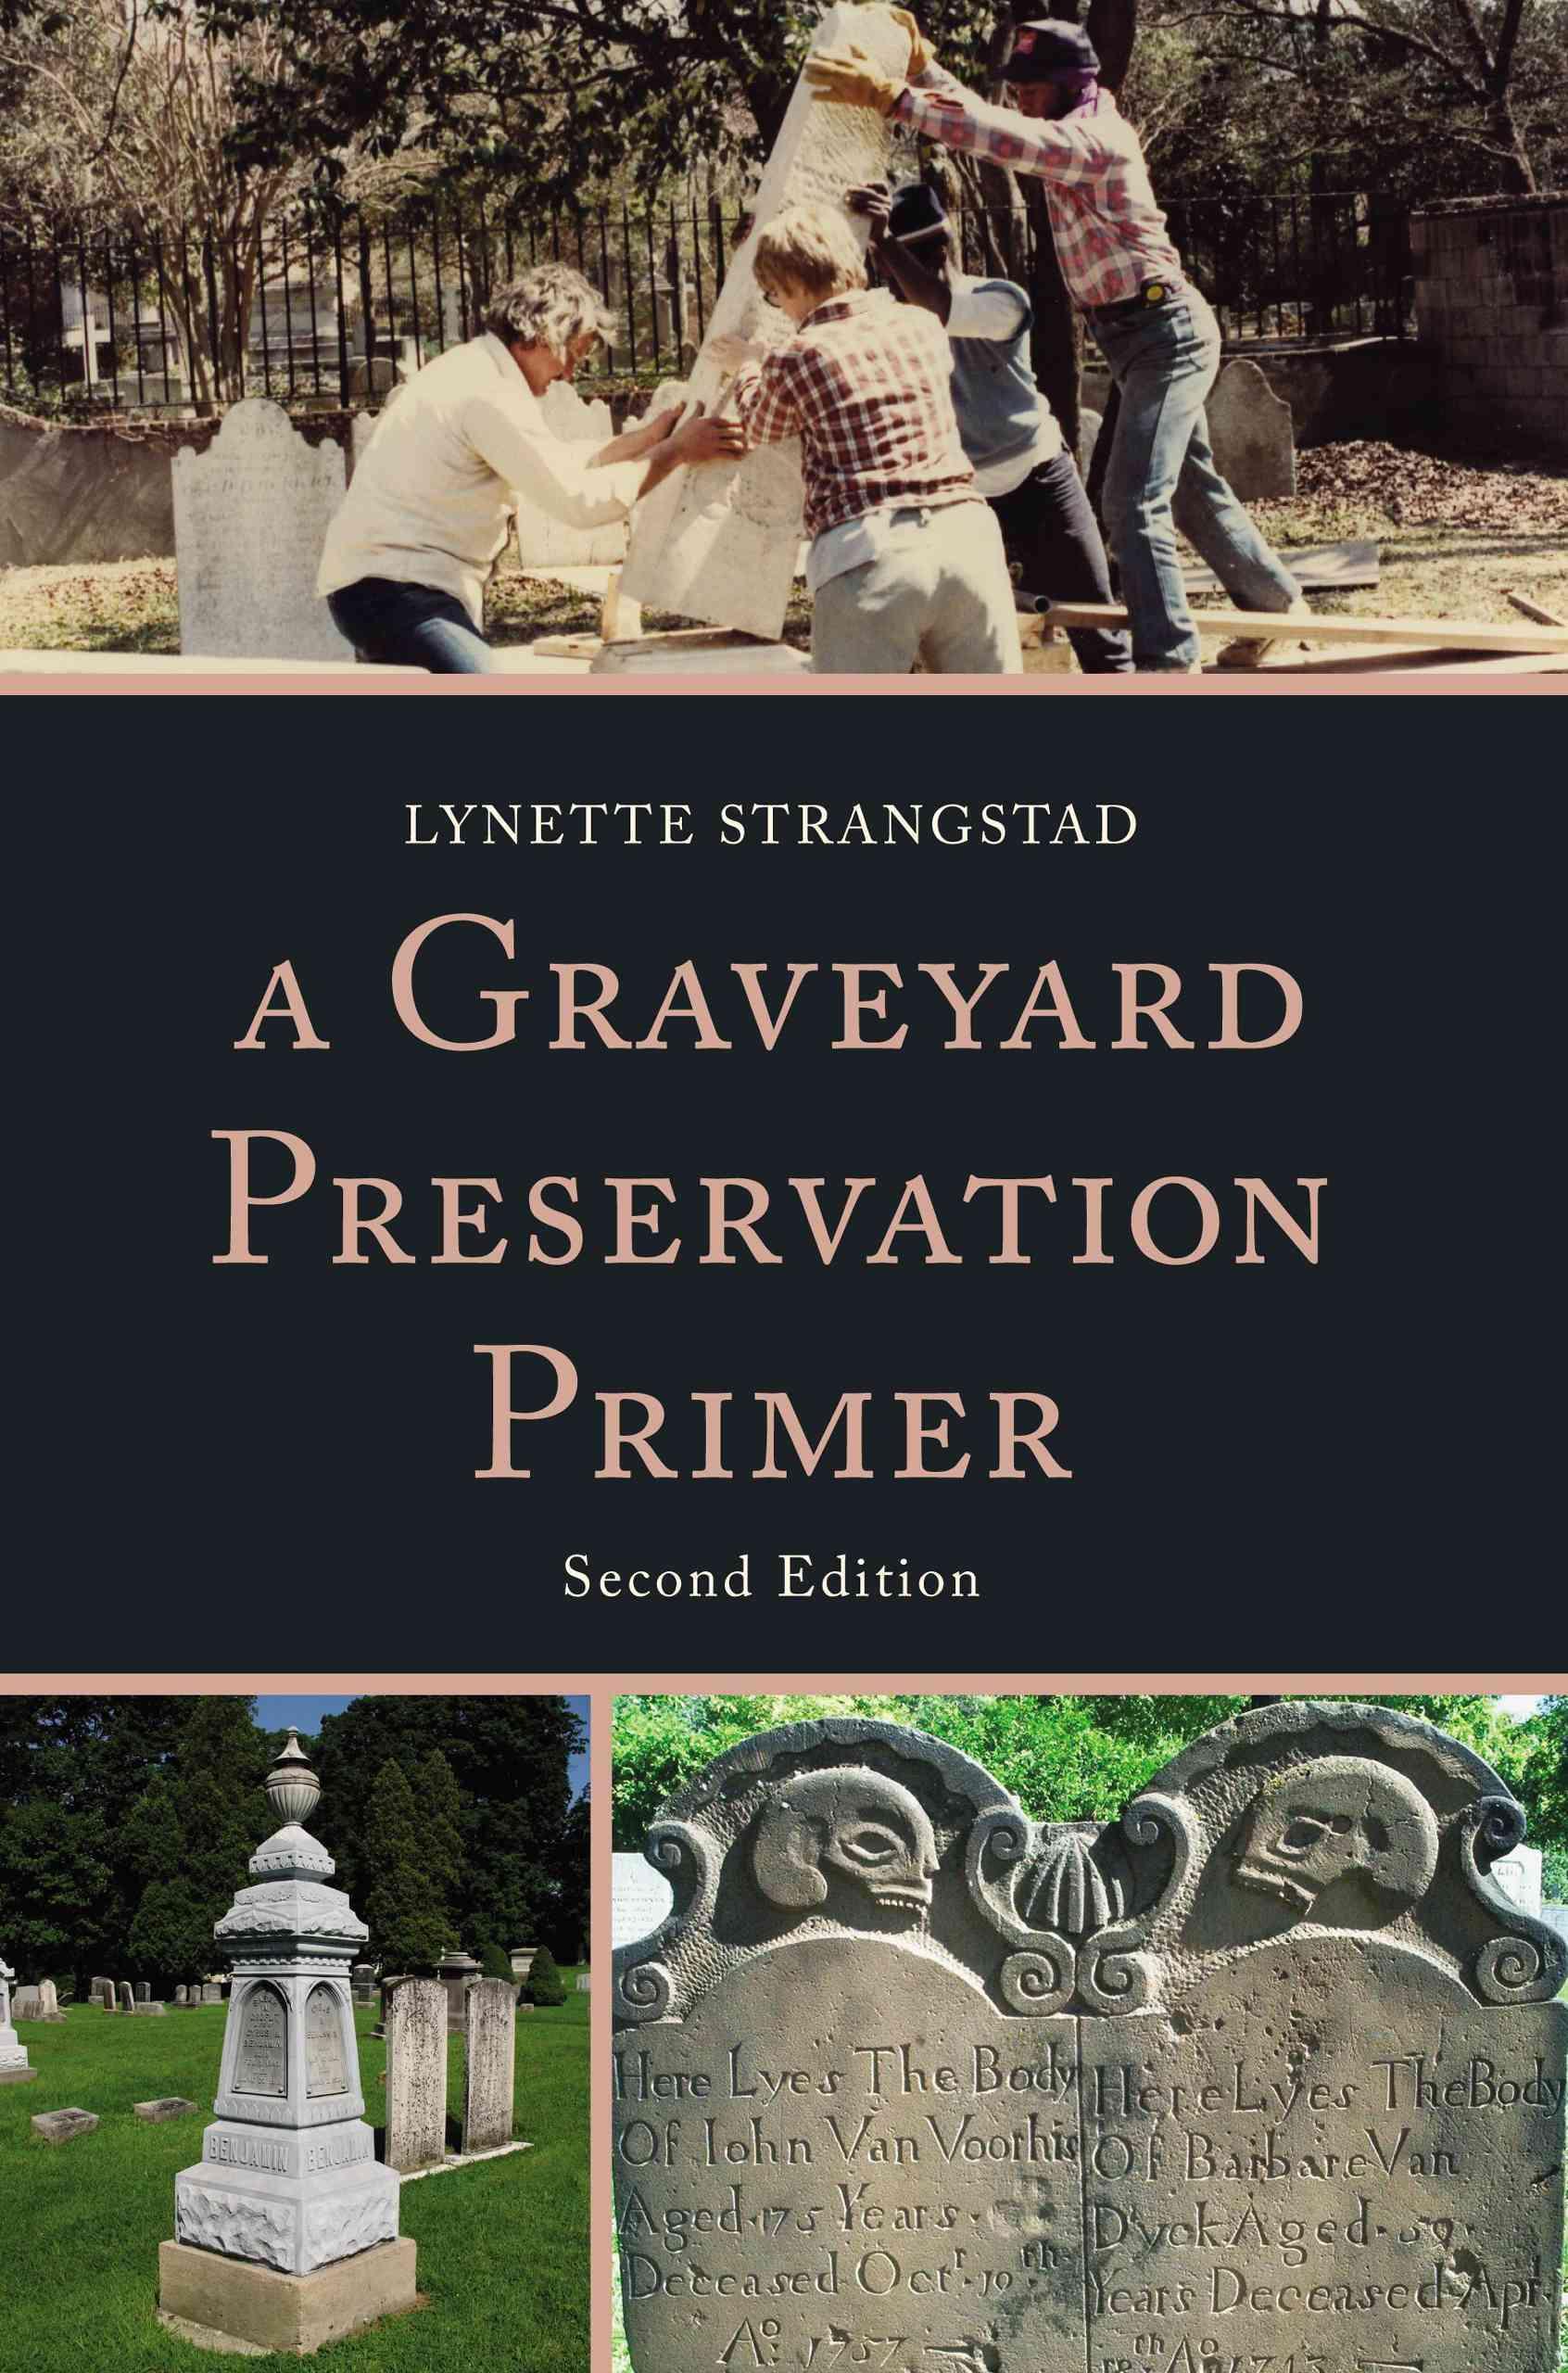 A Graveyard Preservation Primer By Strangstad, Lynette